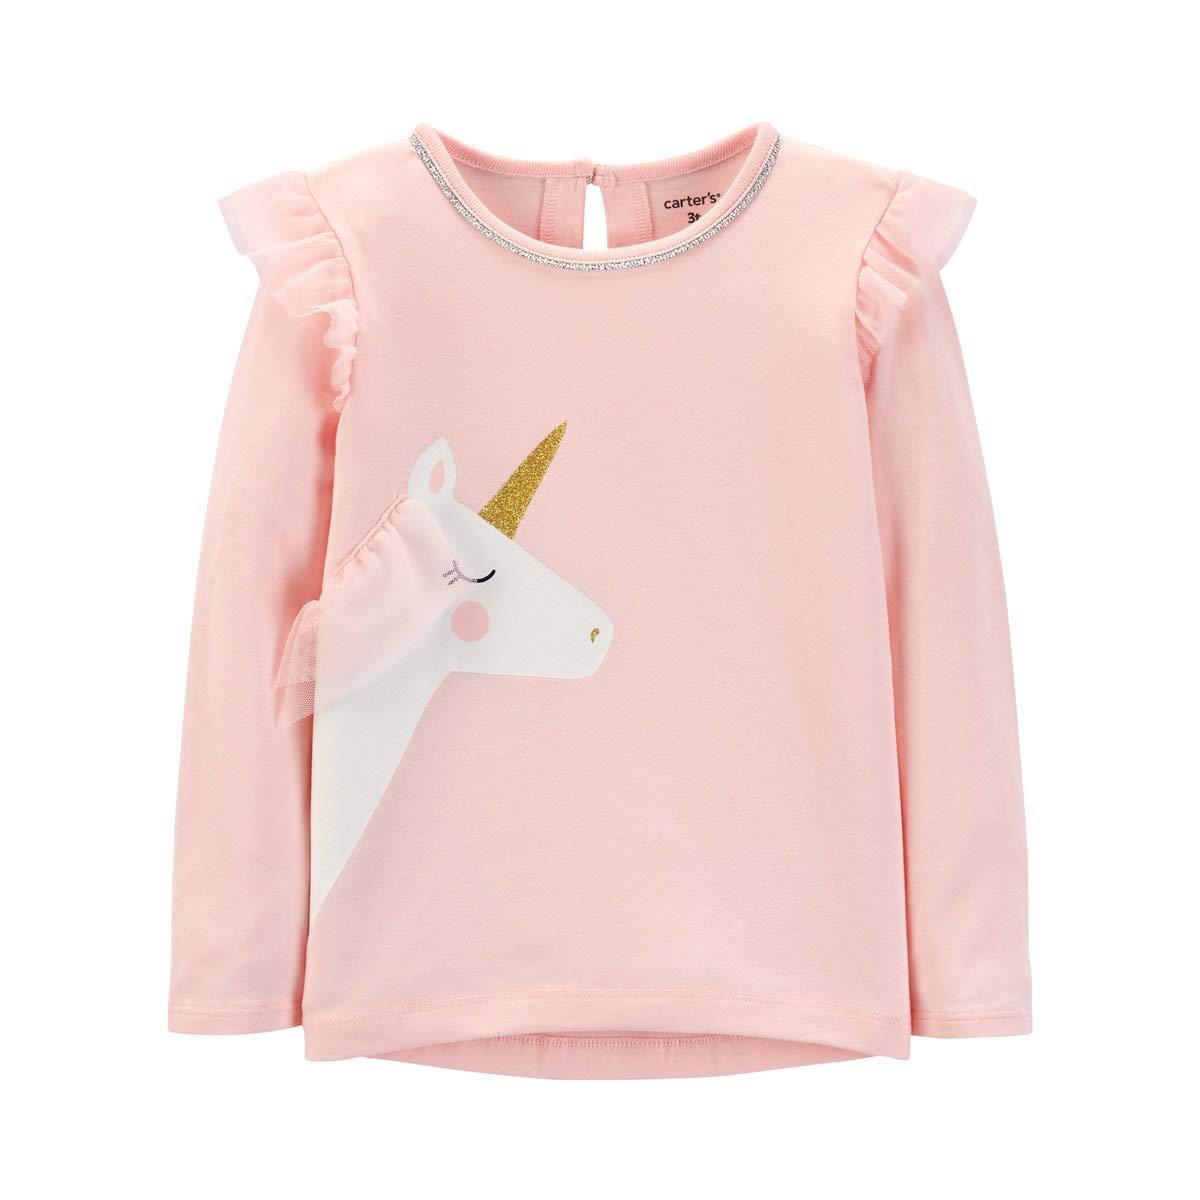 CARTER´S T-shirt à manches longues Licorne top bébé vêtements bébé, rose CARTERŽS CARTERŽS T-shirt à manches longues Licorne top bébé vêtements bébé